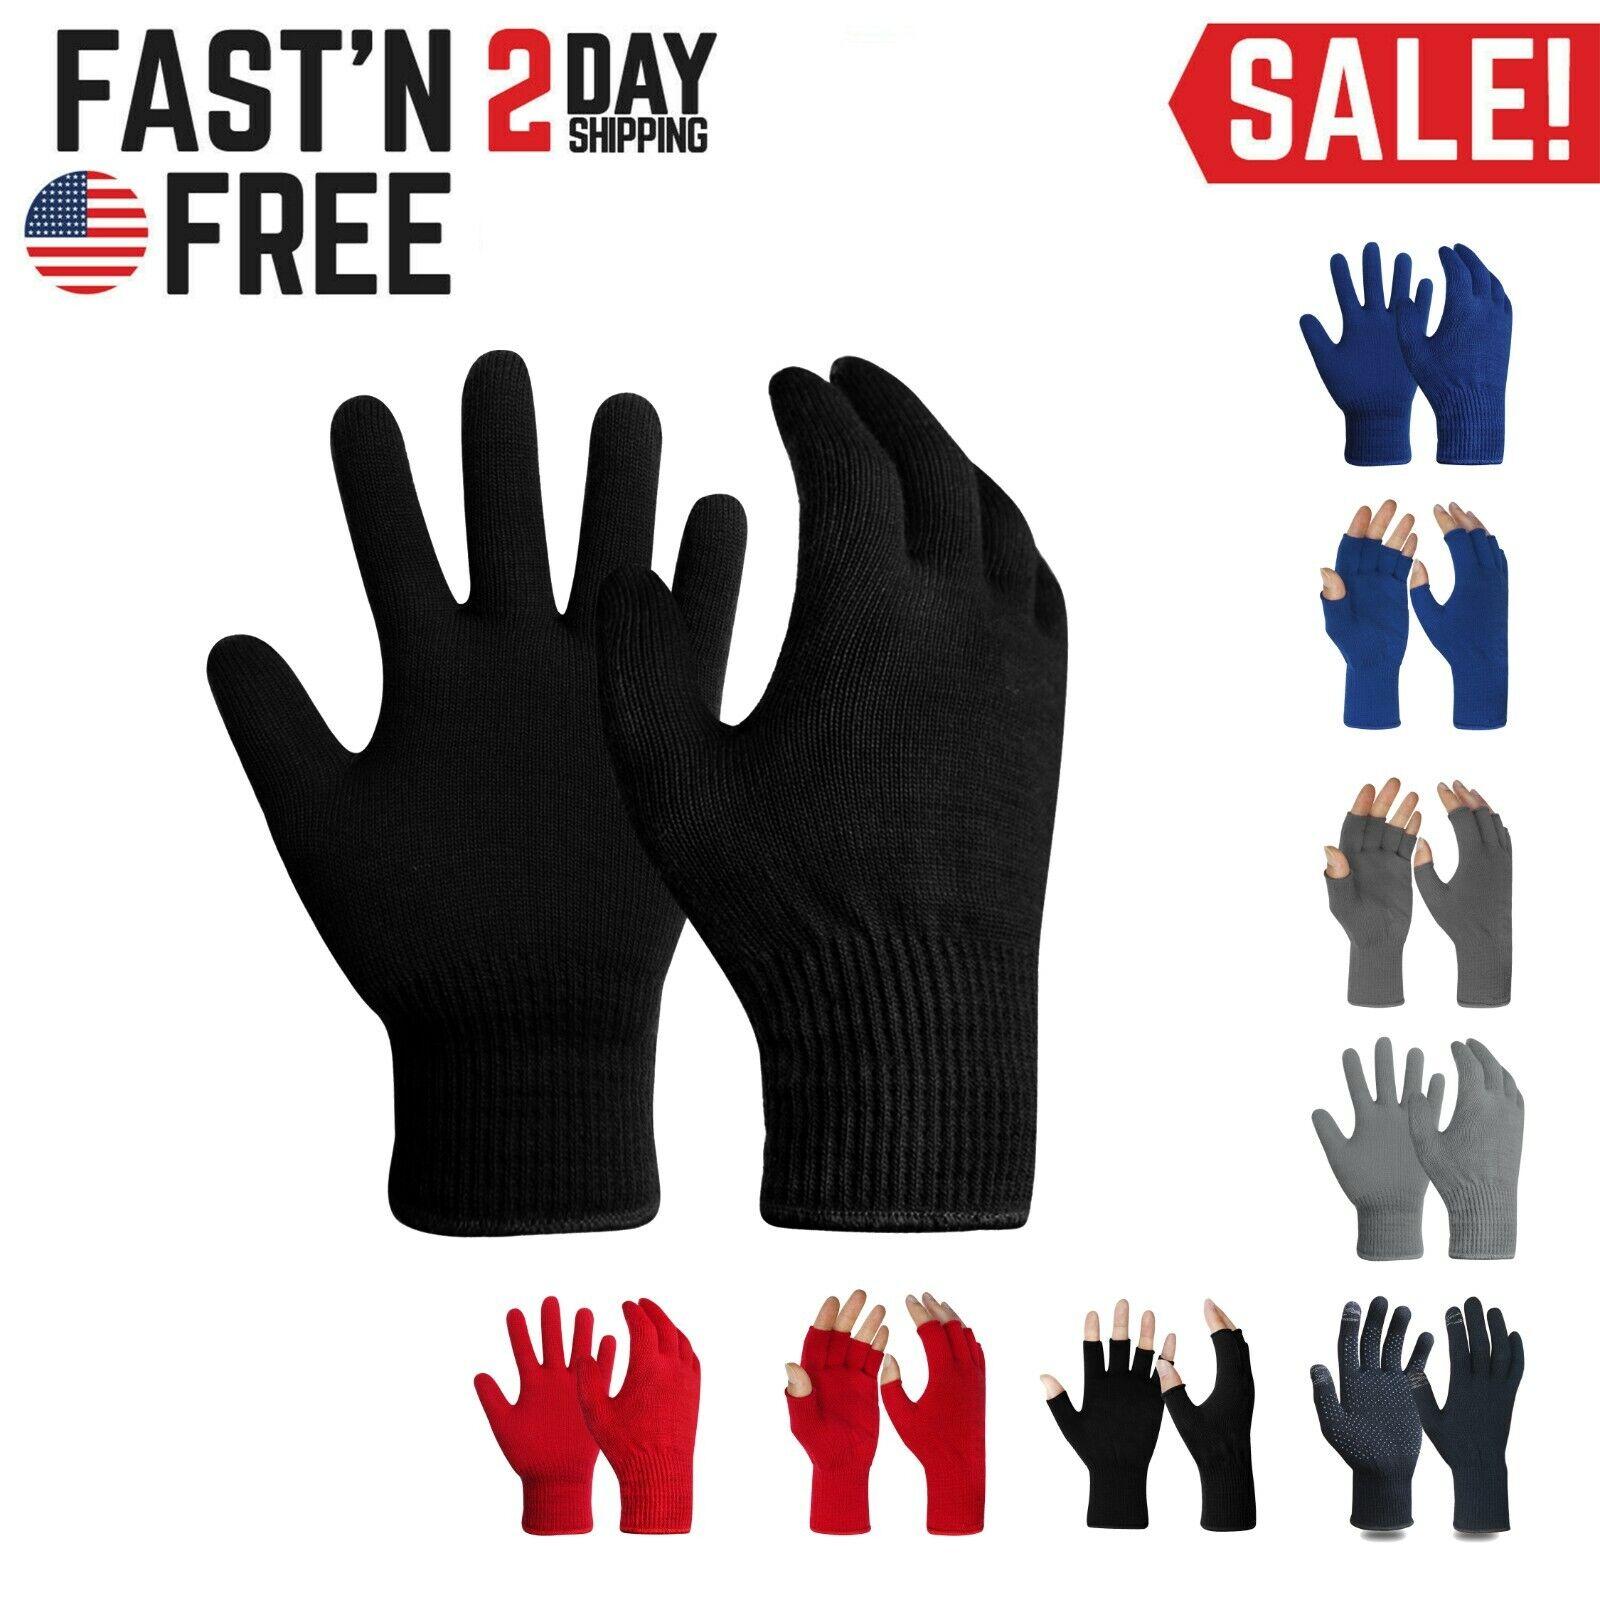 Specialized Mesta Wool Liner Gloves L For Sale Online Ebay